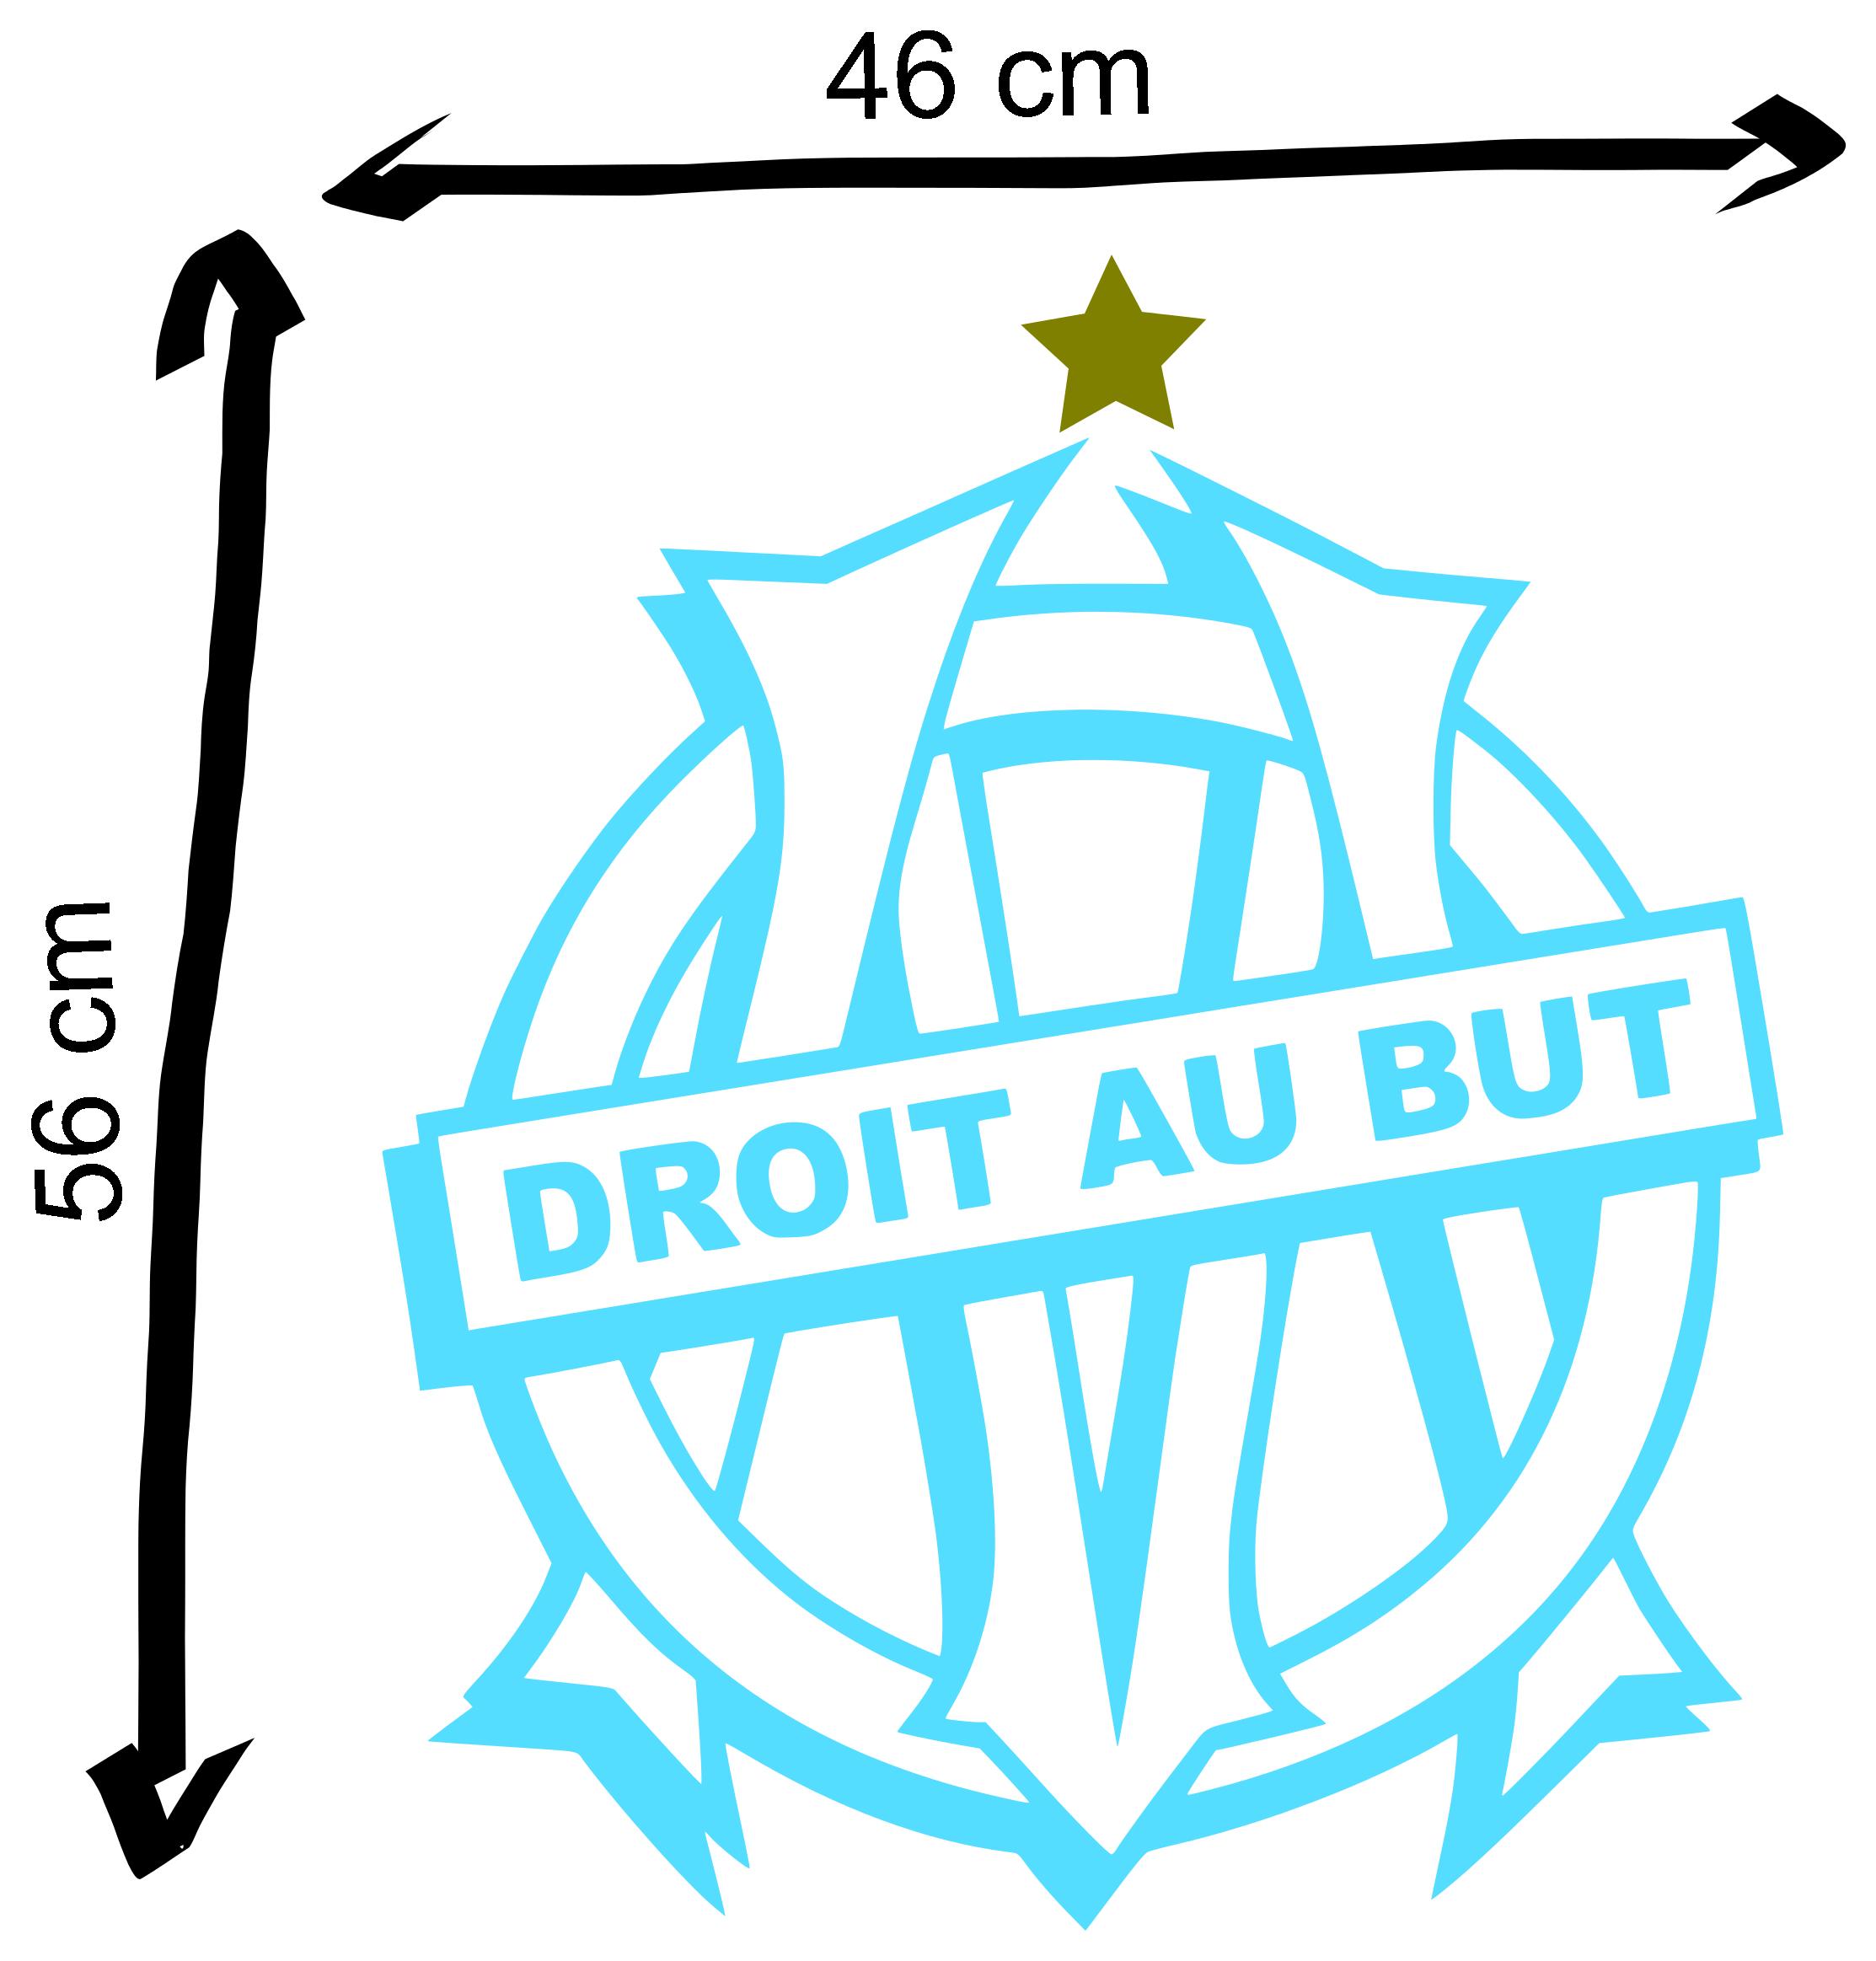 Sticker olympique de marseille droit au but id es pour - Logo de l olympique de marseille ...